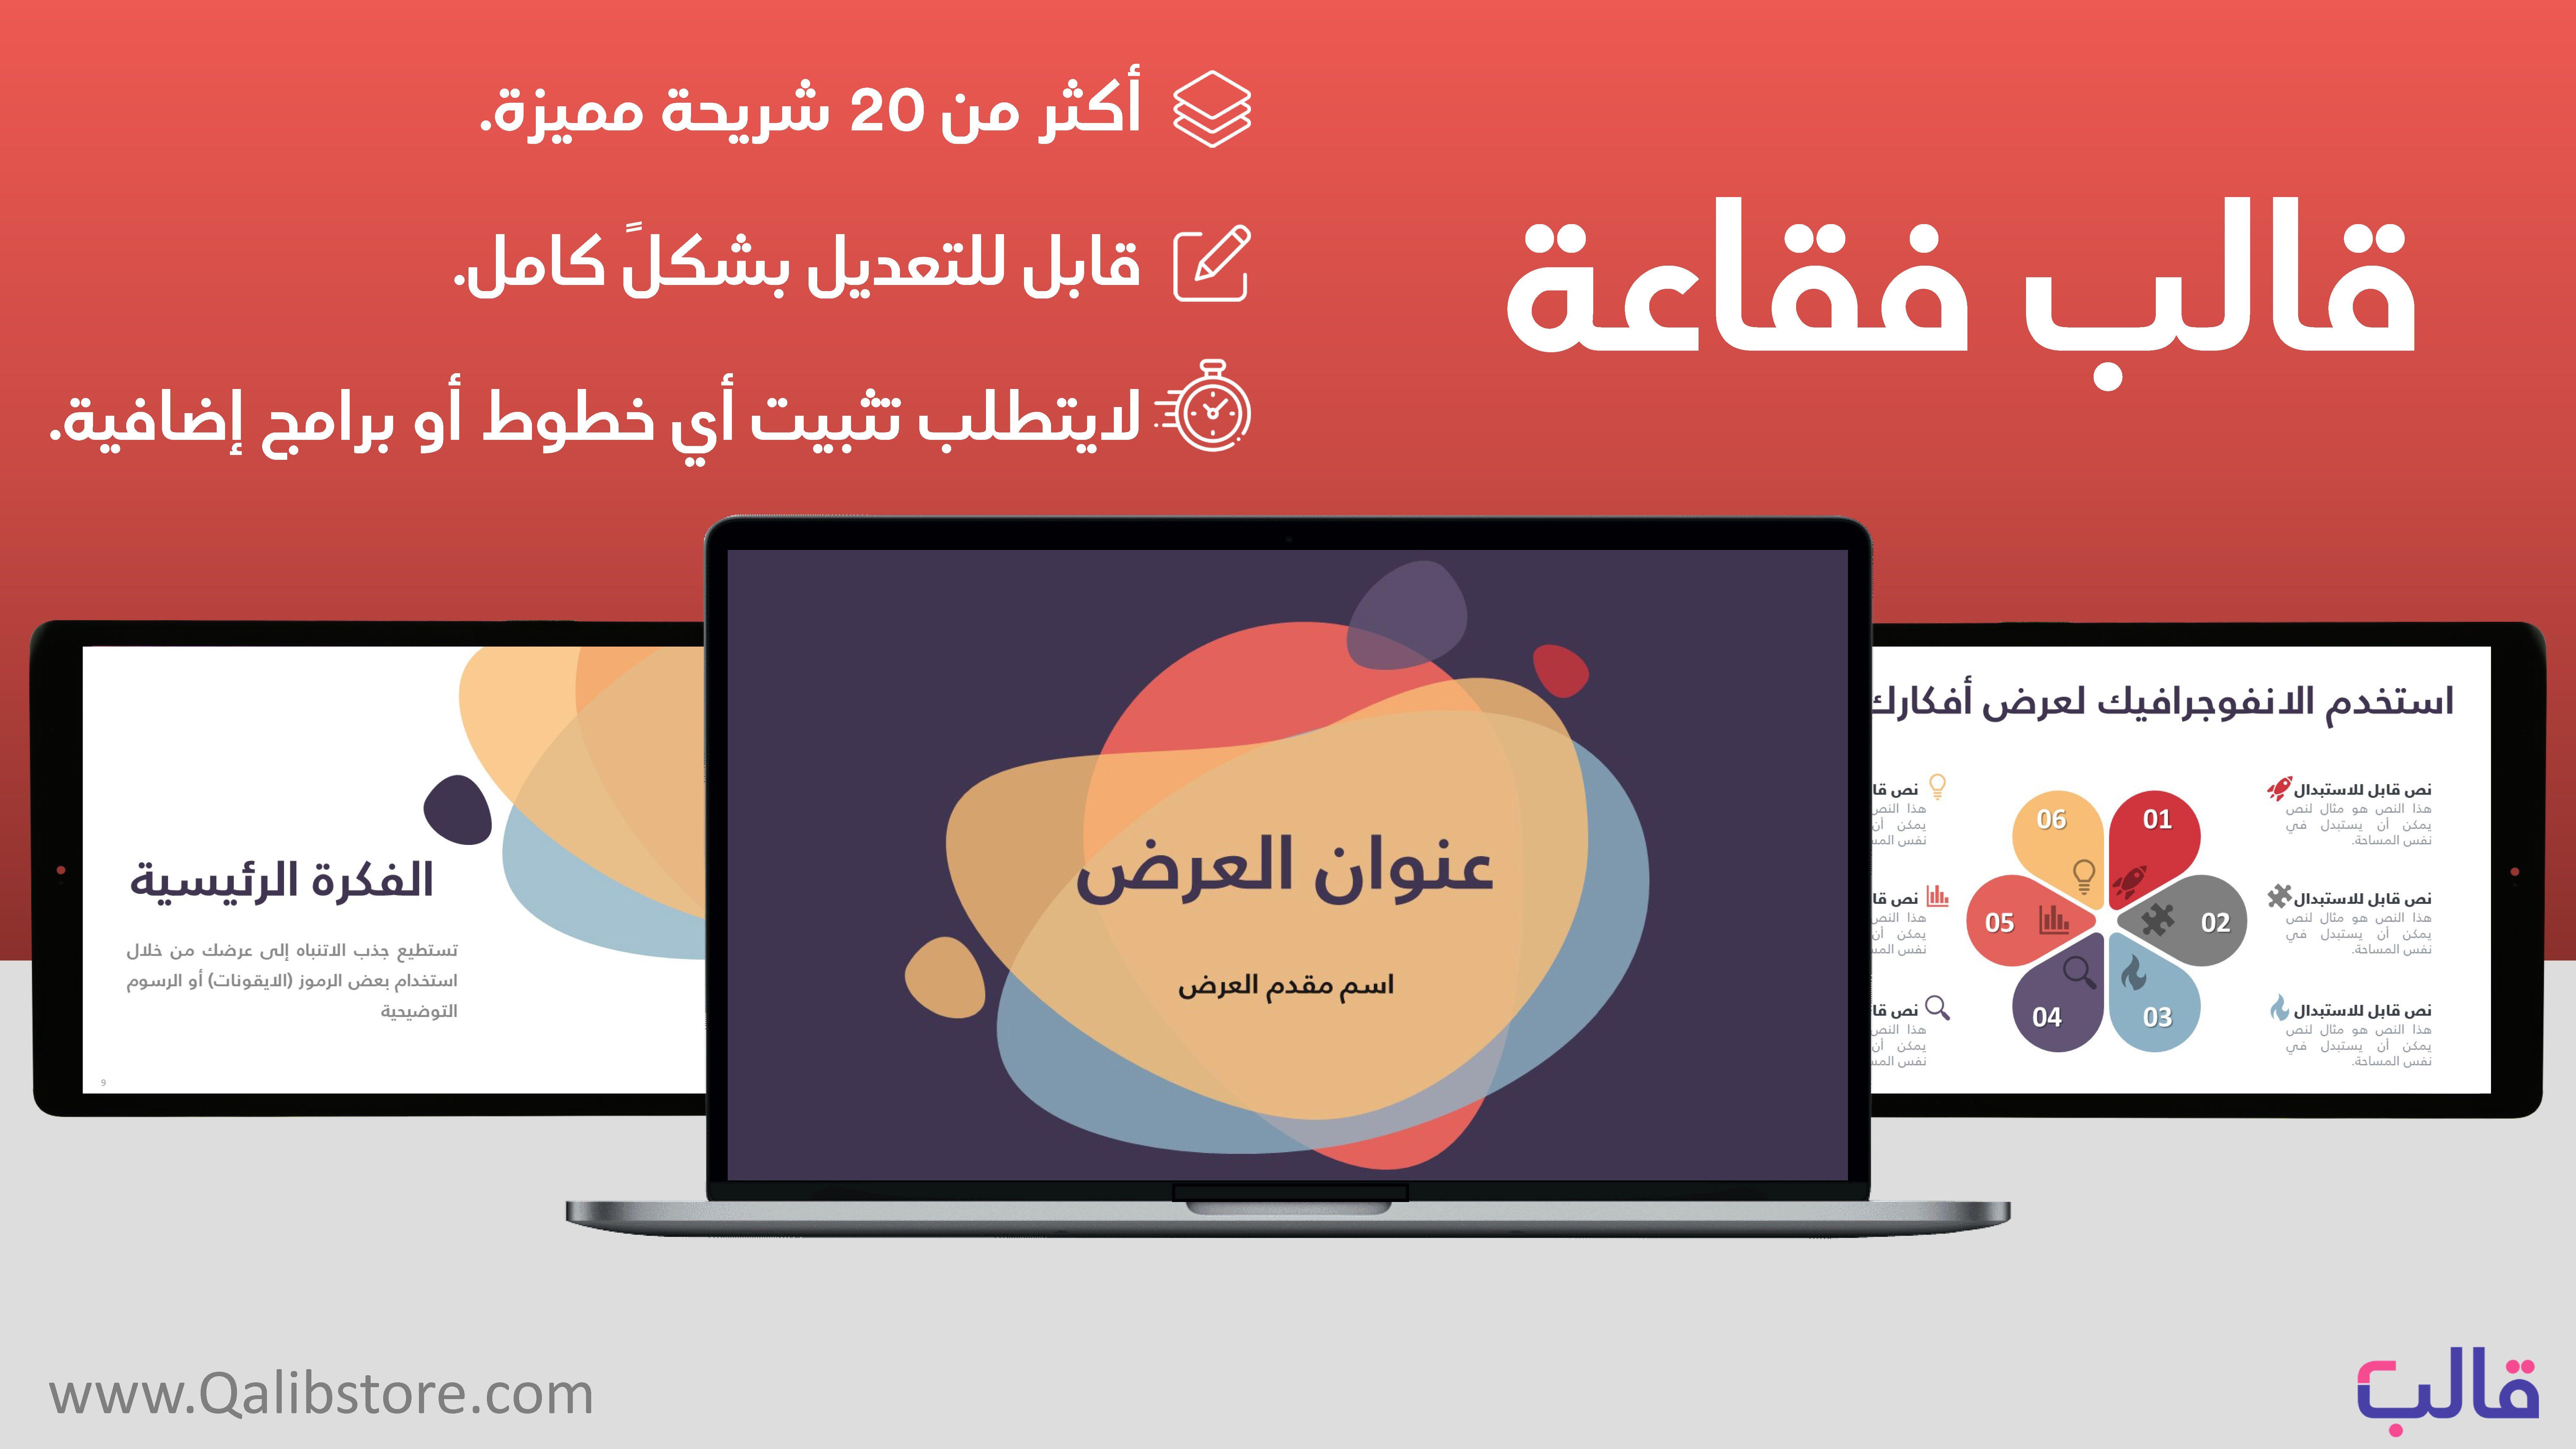 عرض بوربوينت عربي احمر مميز تعليمي Enl